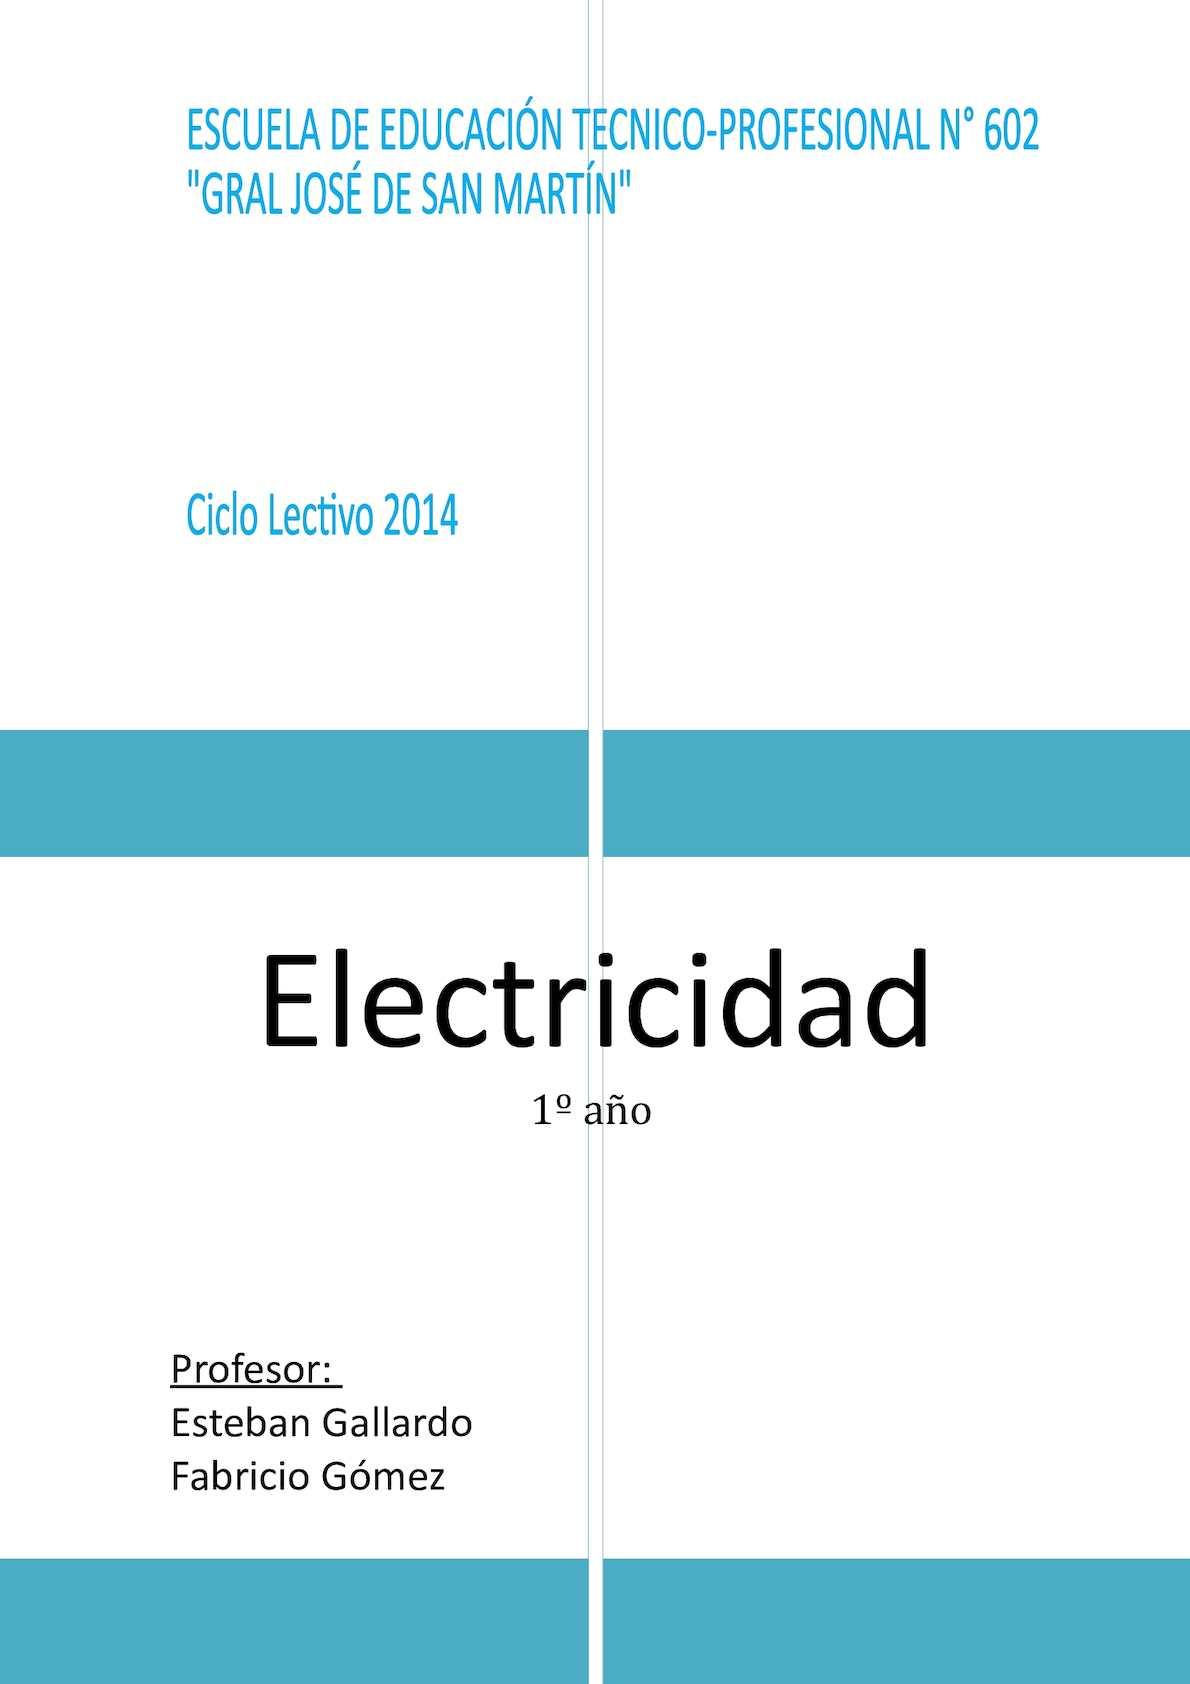 Carpeta Electricidad Completa (1)